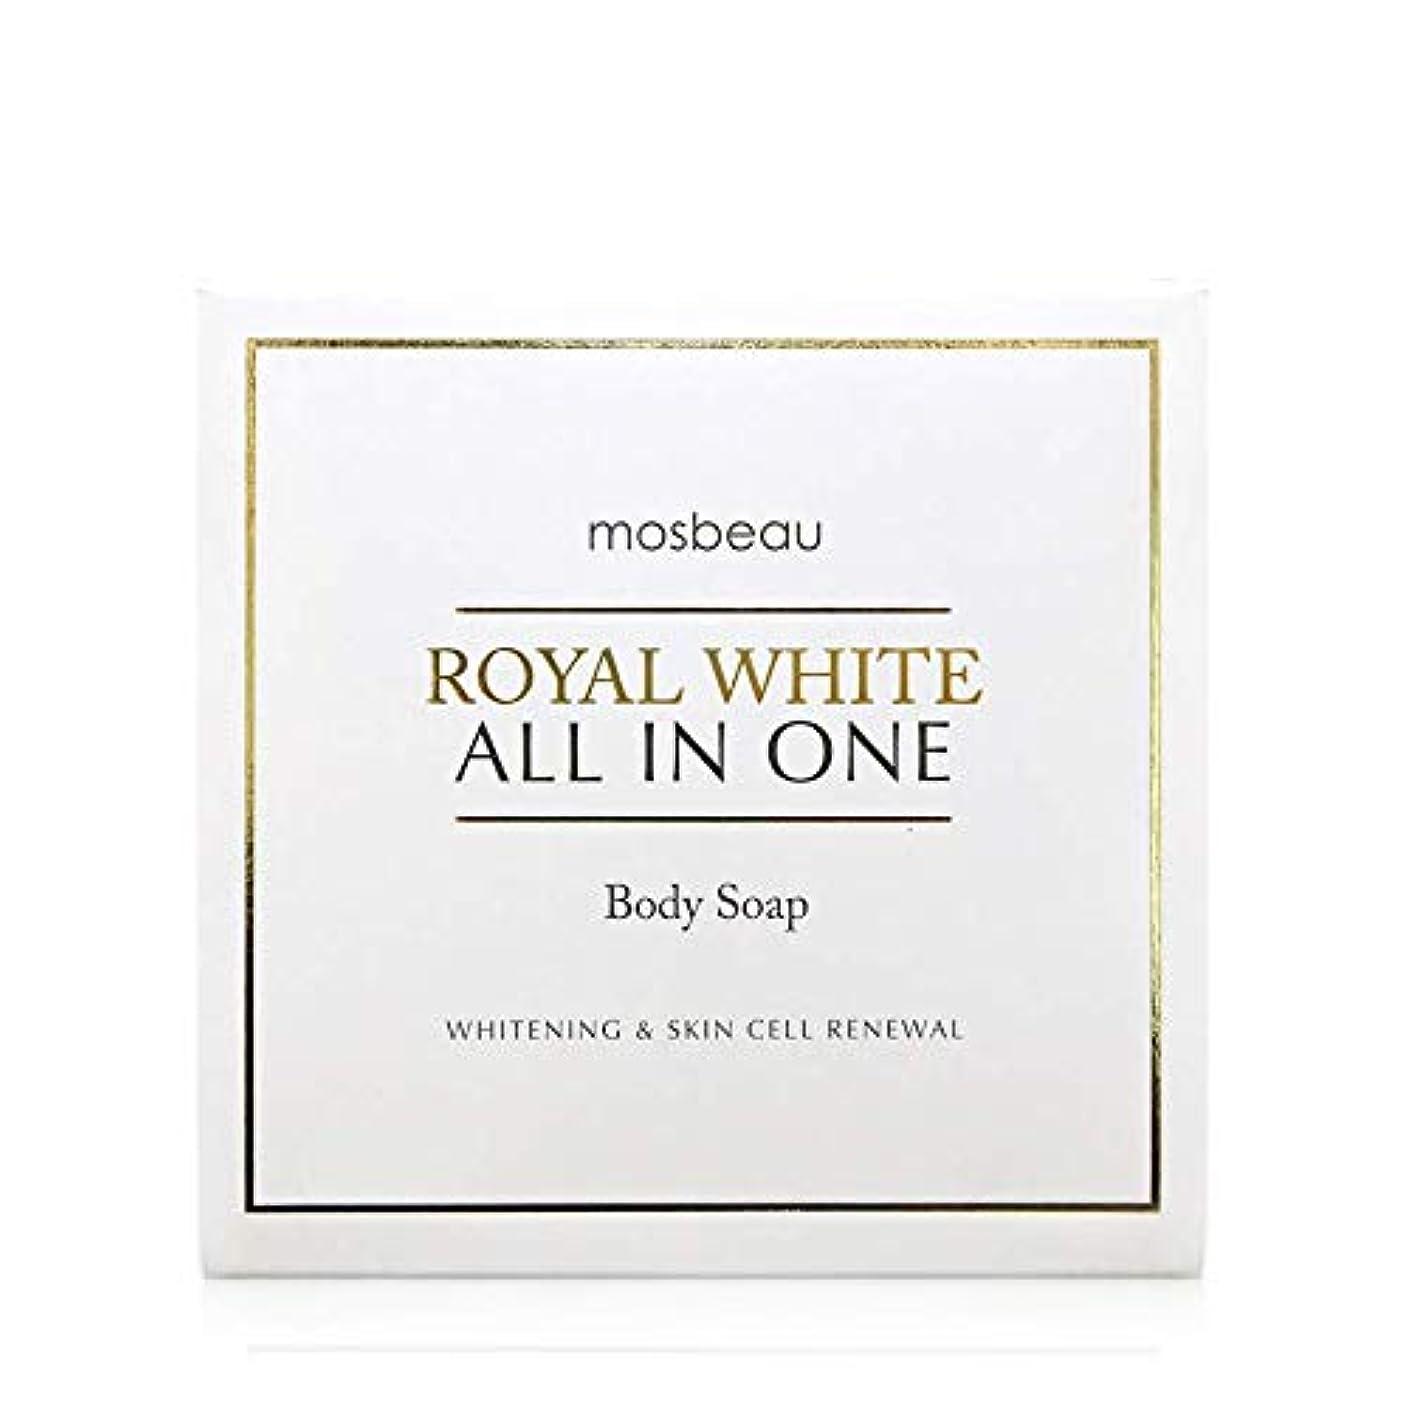 ホバートに対応する打撃mosbeau ROYAL WHITE ALL-IN-ONE BODY SOAP 100g ロィヤルホワイトオールインワンボディーソープ